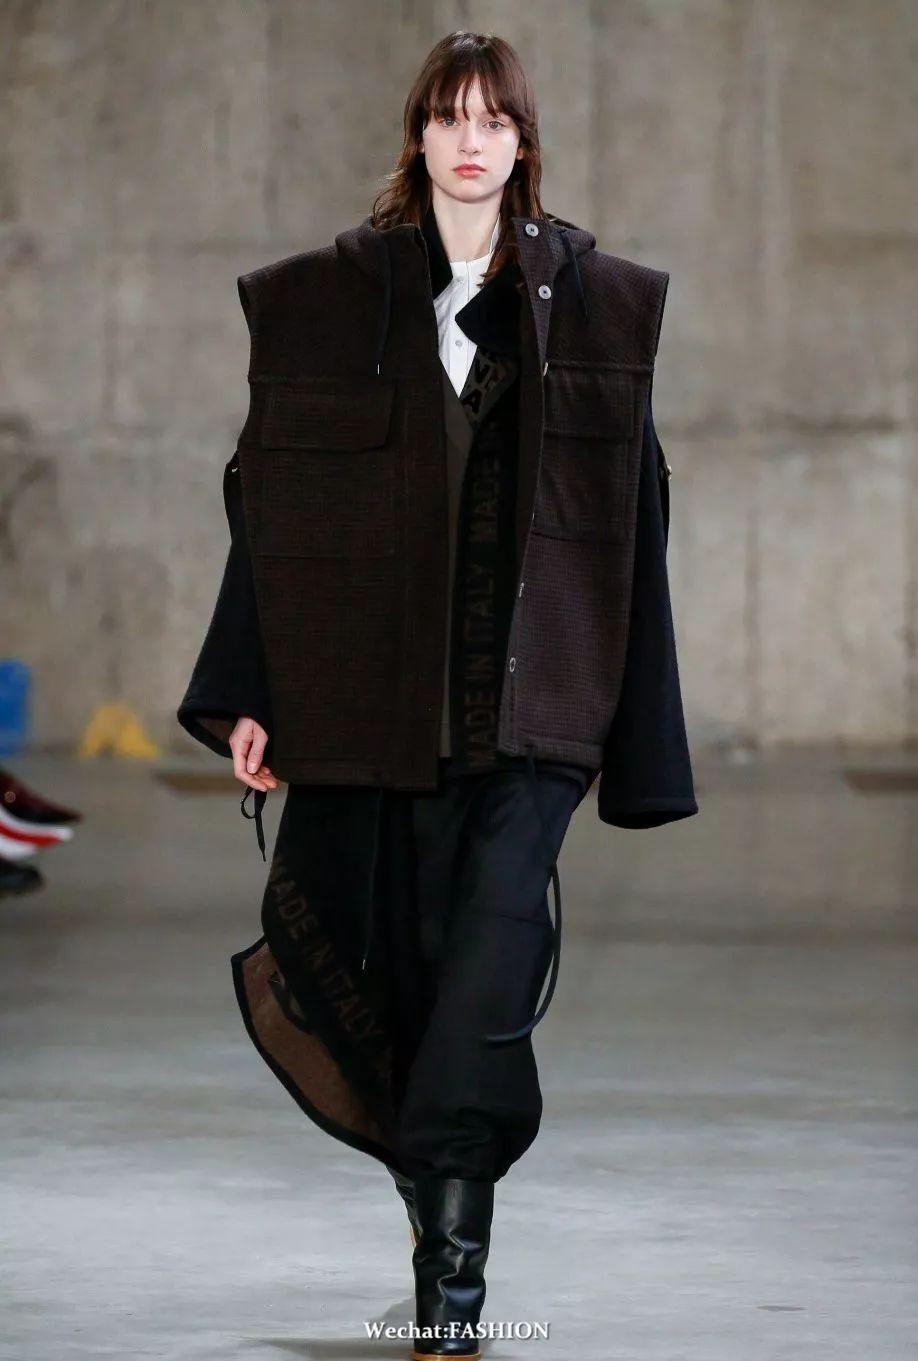 时尚| 2018秋冬最新流行趋势 看这里就够了图片